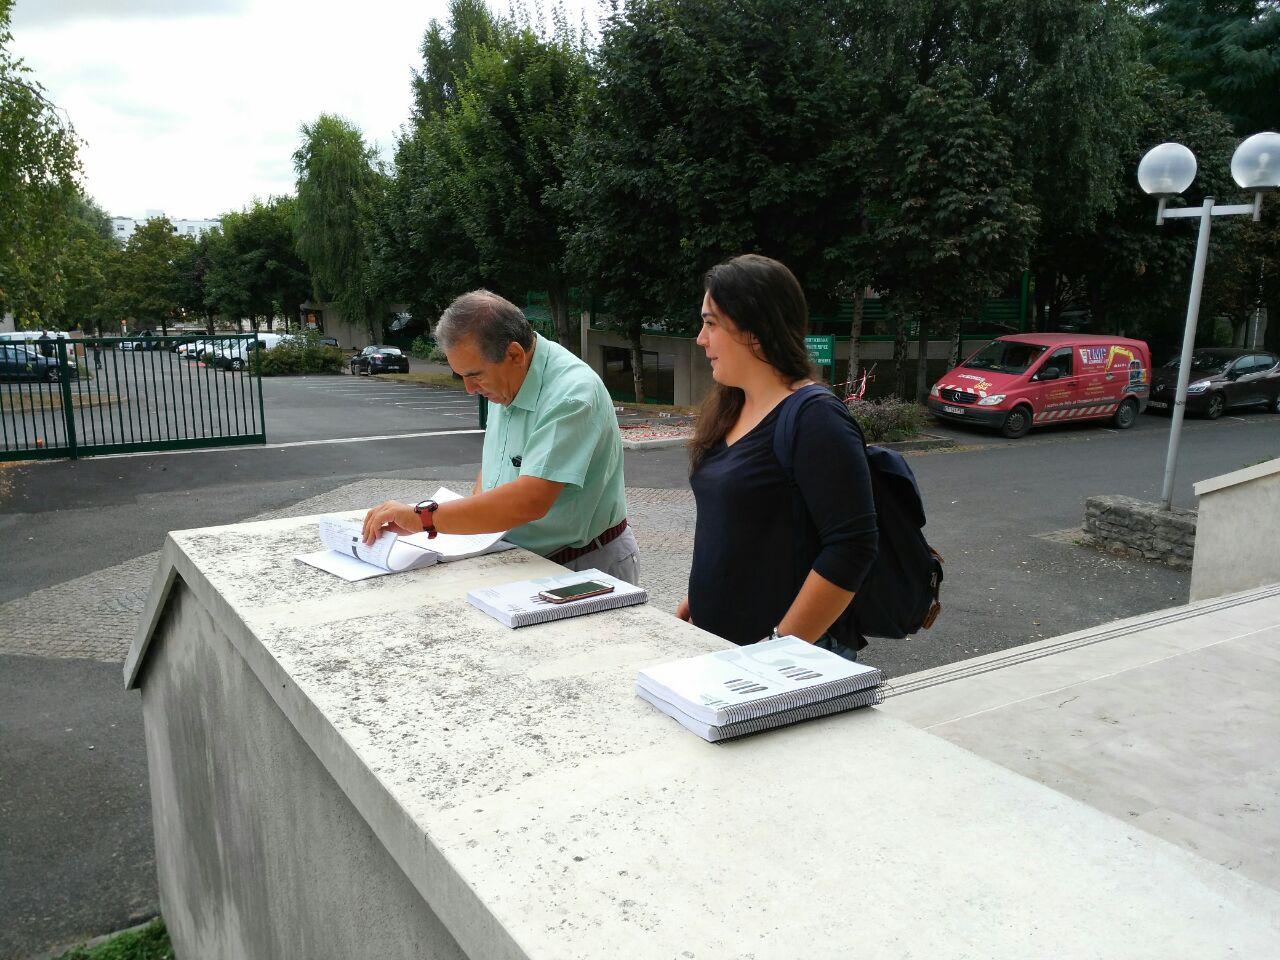 Trabalhando em Paris (ainda que nem pareça) com a sua ajudante ao pé do Panteão Nacional